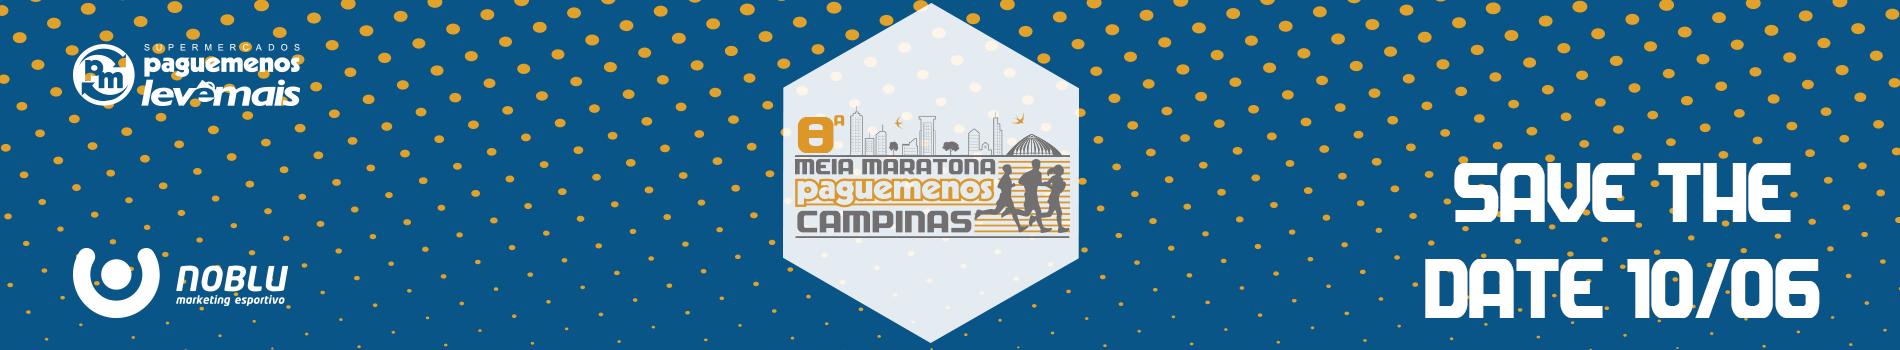 8ª MEIA MARATONA PAGUE MENOS CAMPINAS - Imagem de topo